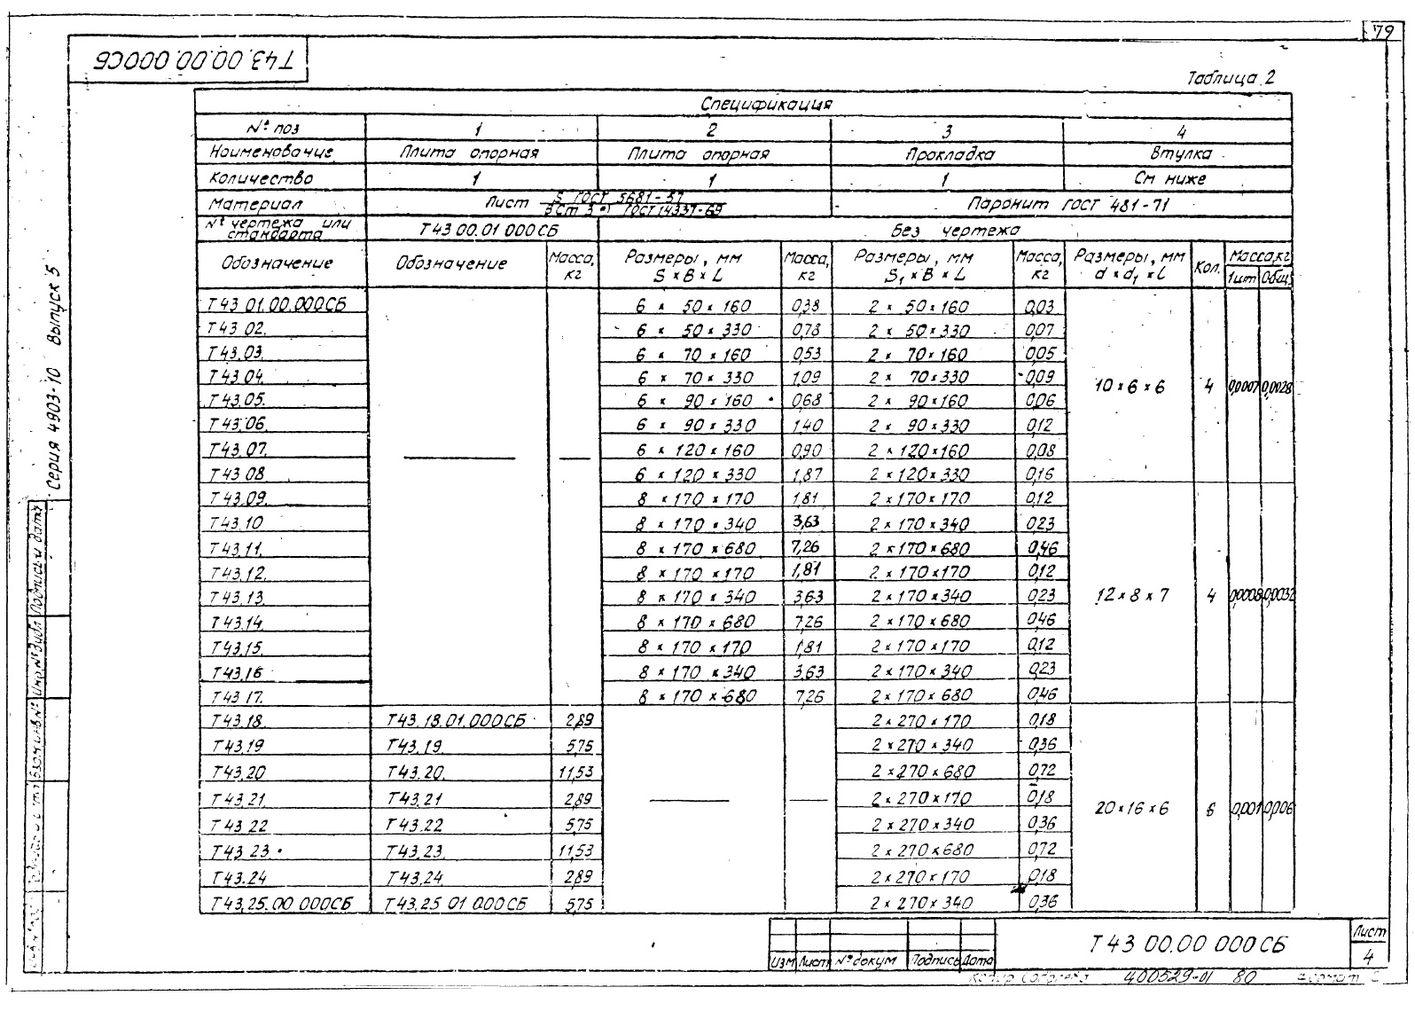 Плиты опорные с диэлектрической прокладкой Т43 серия 4.903-10 вып.5 стр.4